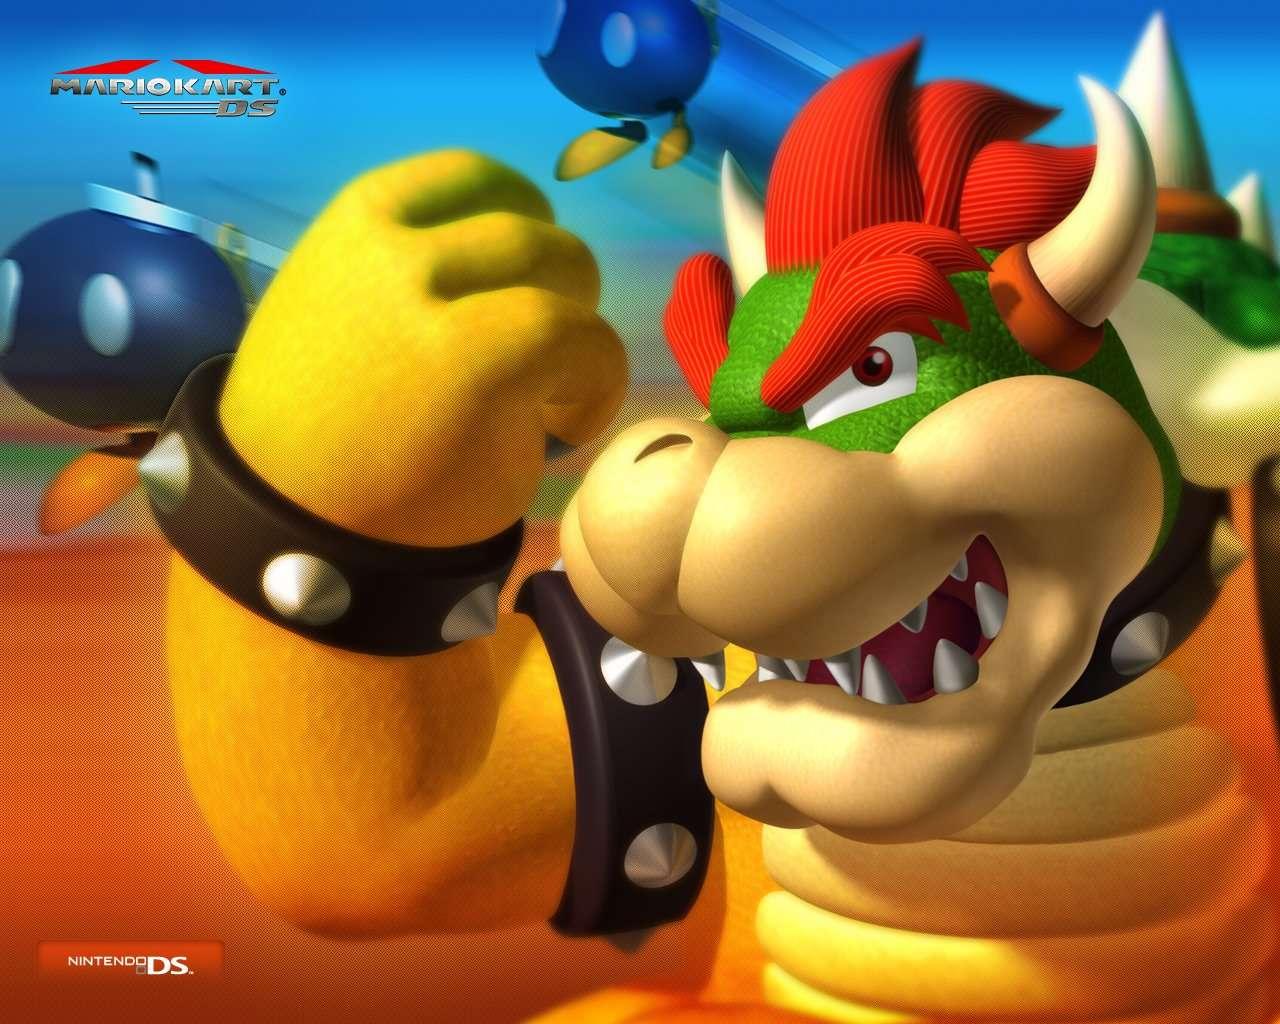 http://3.bp.blogspot.com/-AOWg282Lyn8/UDnCNd2Y6MI/AAAAAAAAIuk/FyncDlsih_c/s1600/Mario_Kart_DS_3.jpg